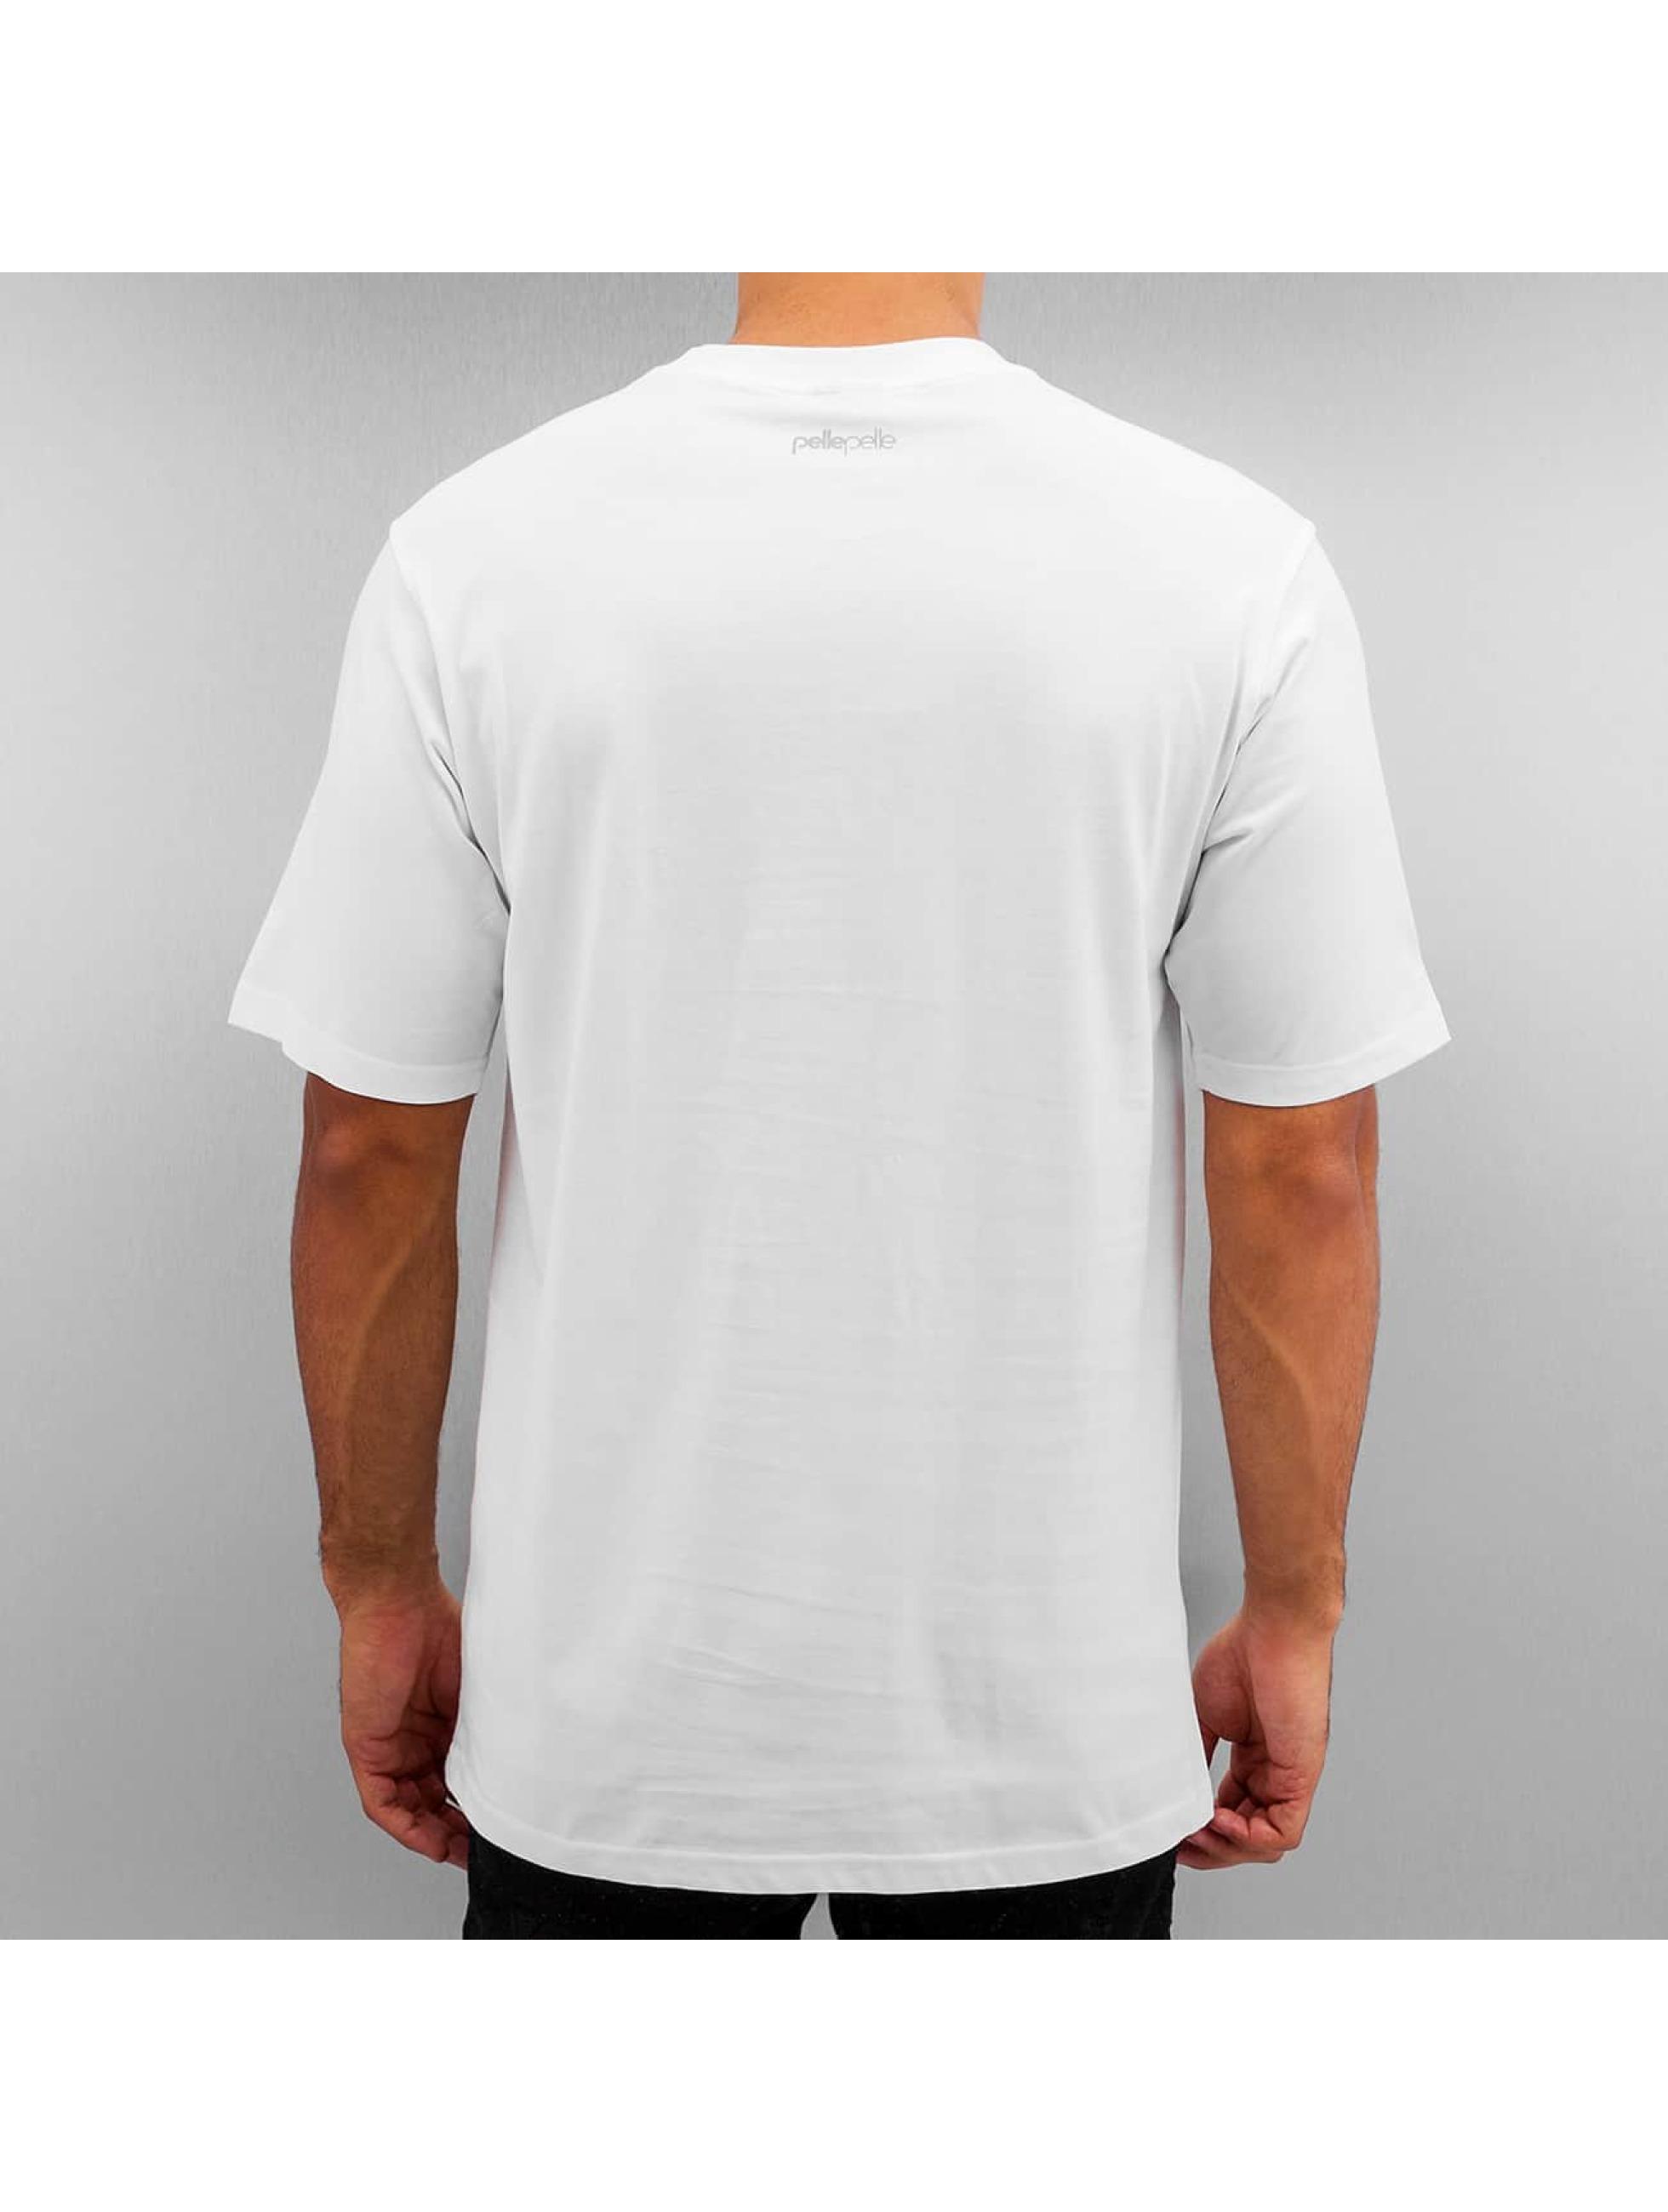 Pelle Pelle T-Shirt 50/50 Dark Maze weiß